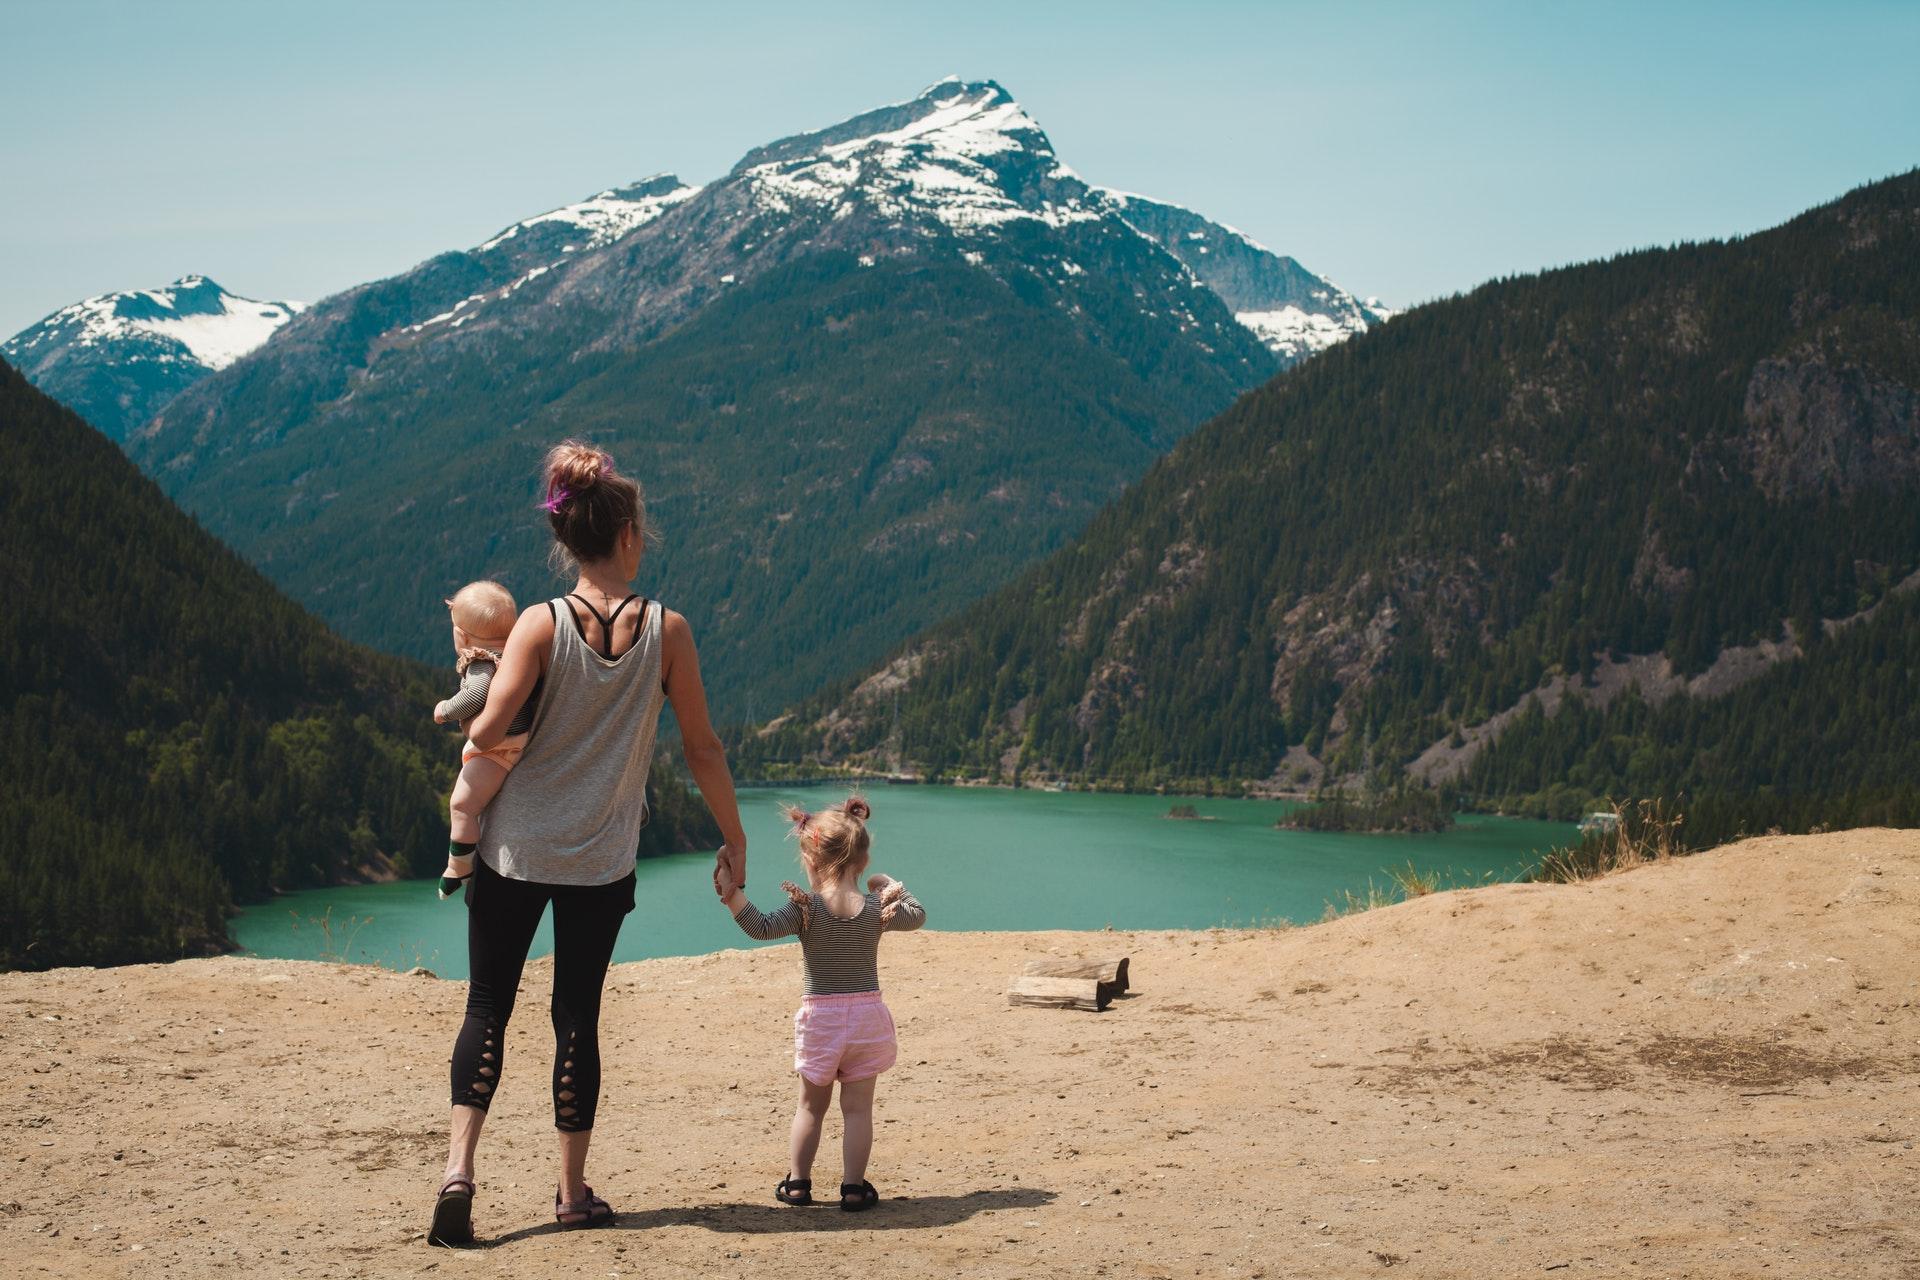 Fun Family Places to Go